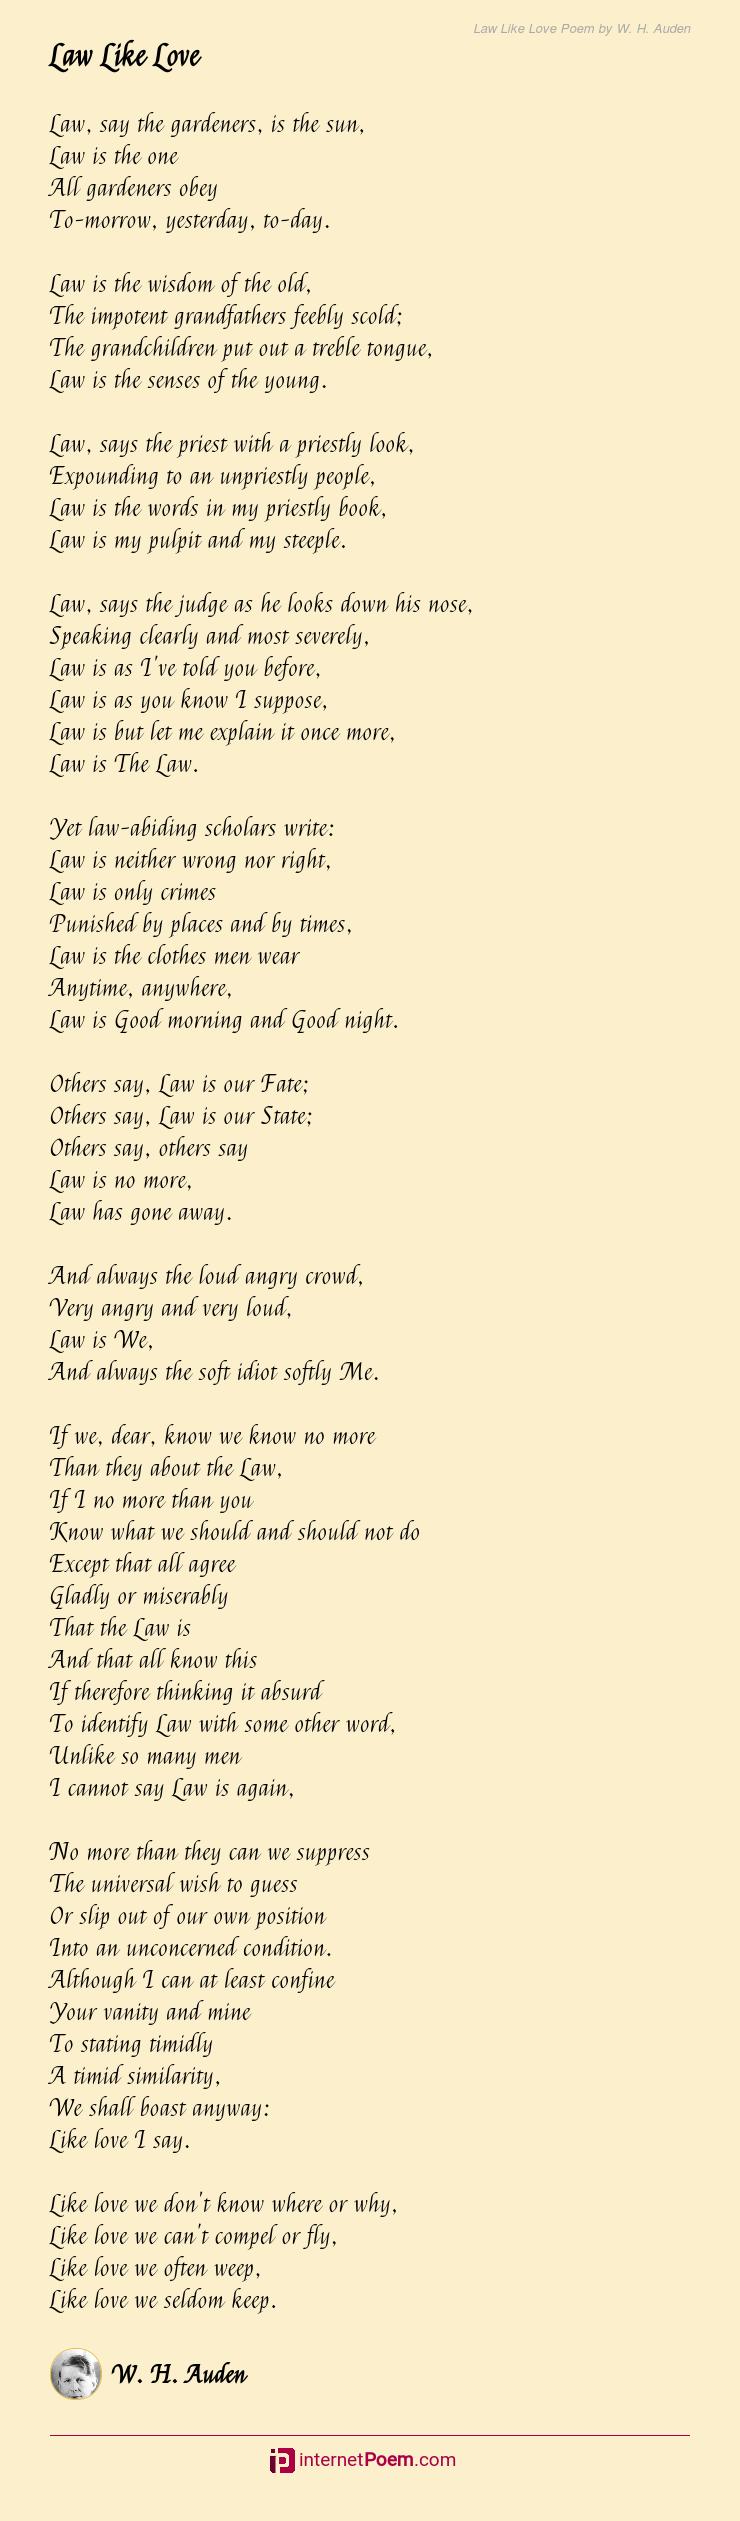 Law Like Love Poem By W H Auden